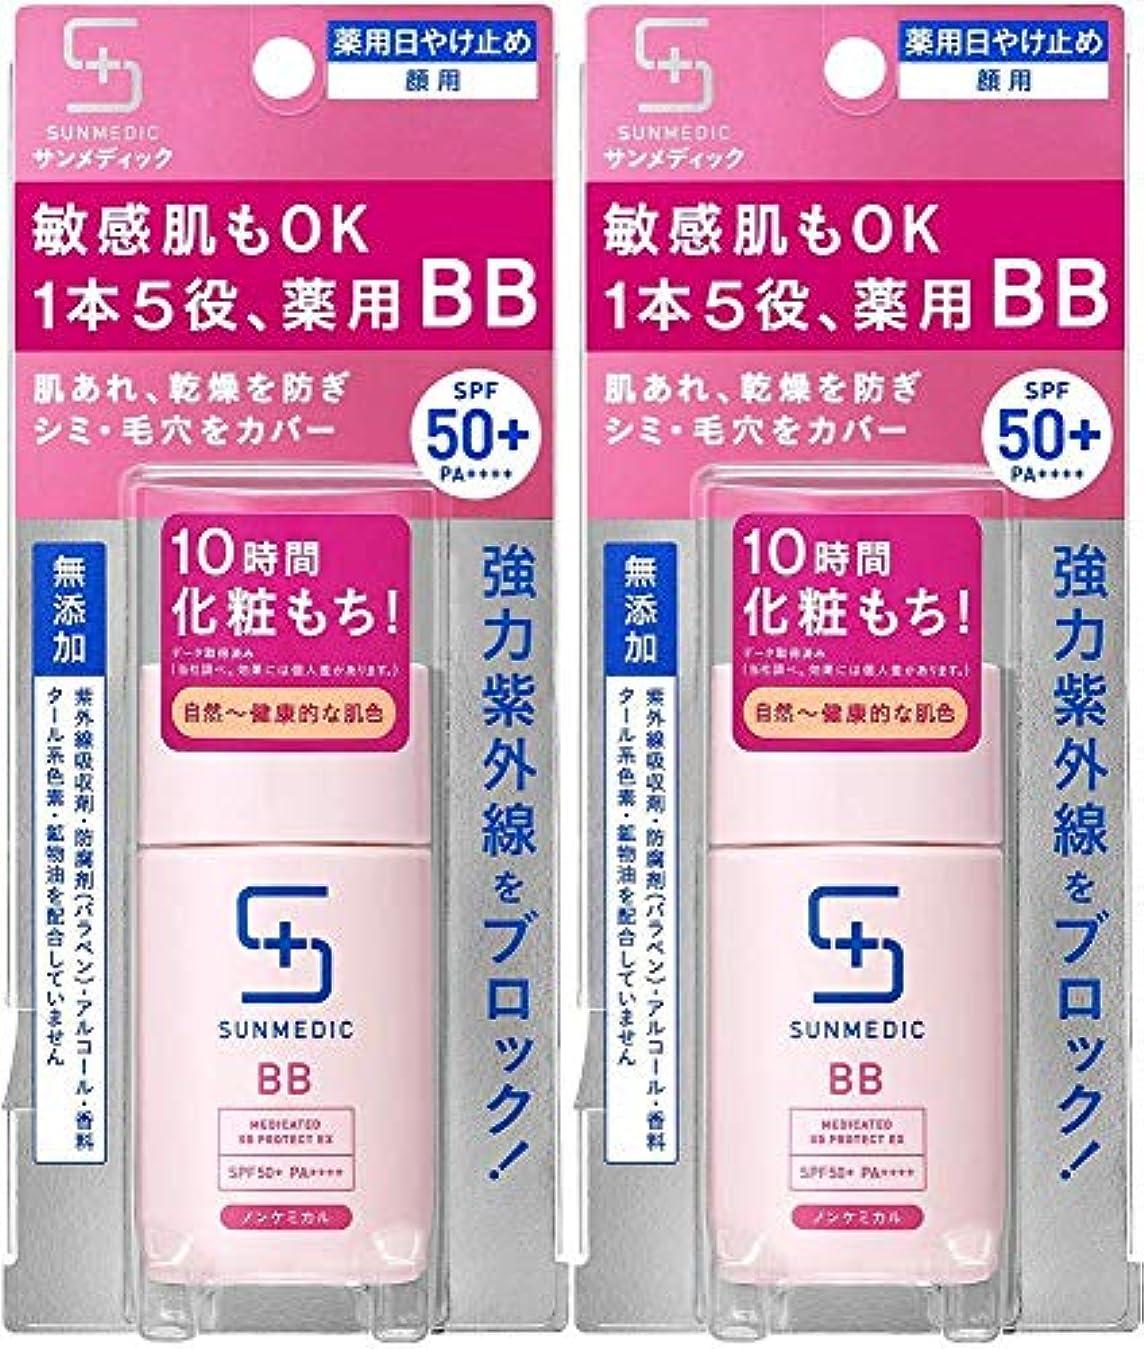 忍耐シビック上昇【2個セット】サンメディックUV 薬用BBプロテクトEX ナチュラル 30ml (医薬部外品)